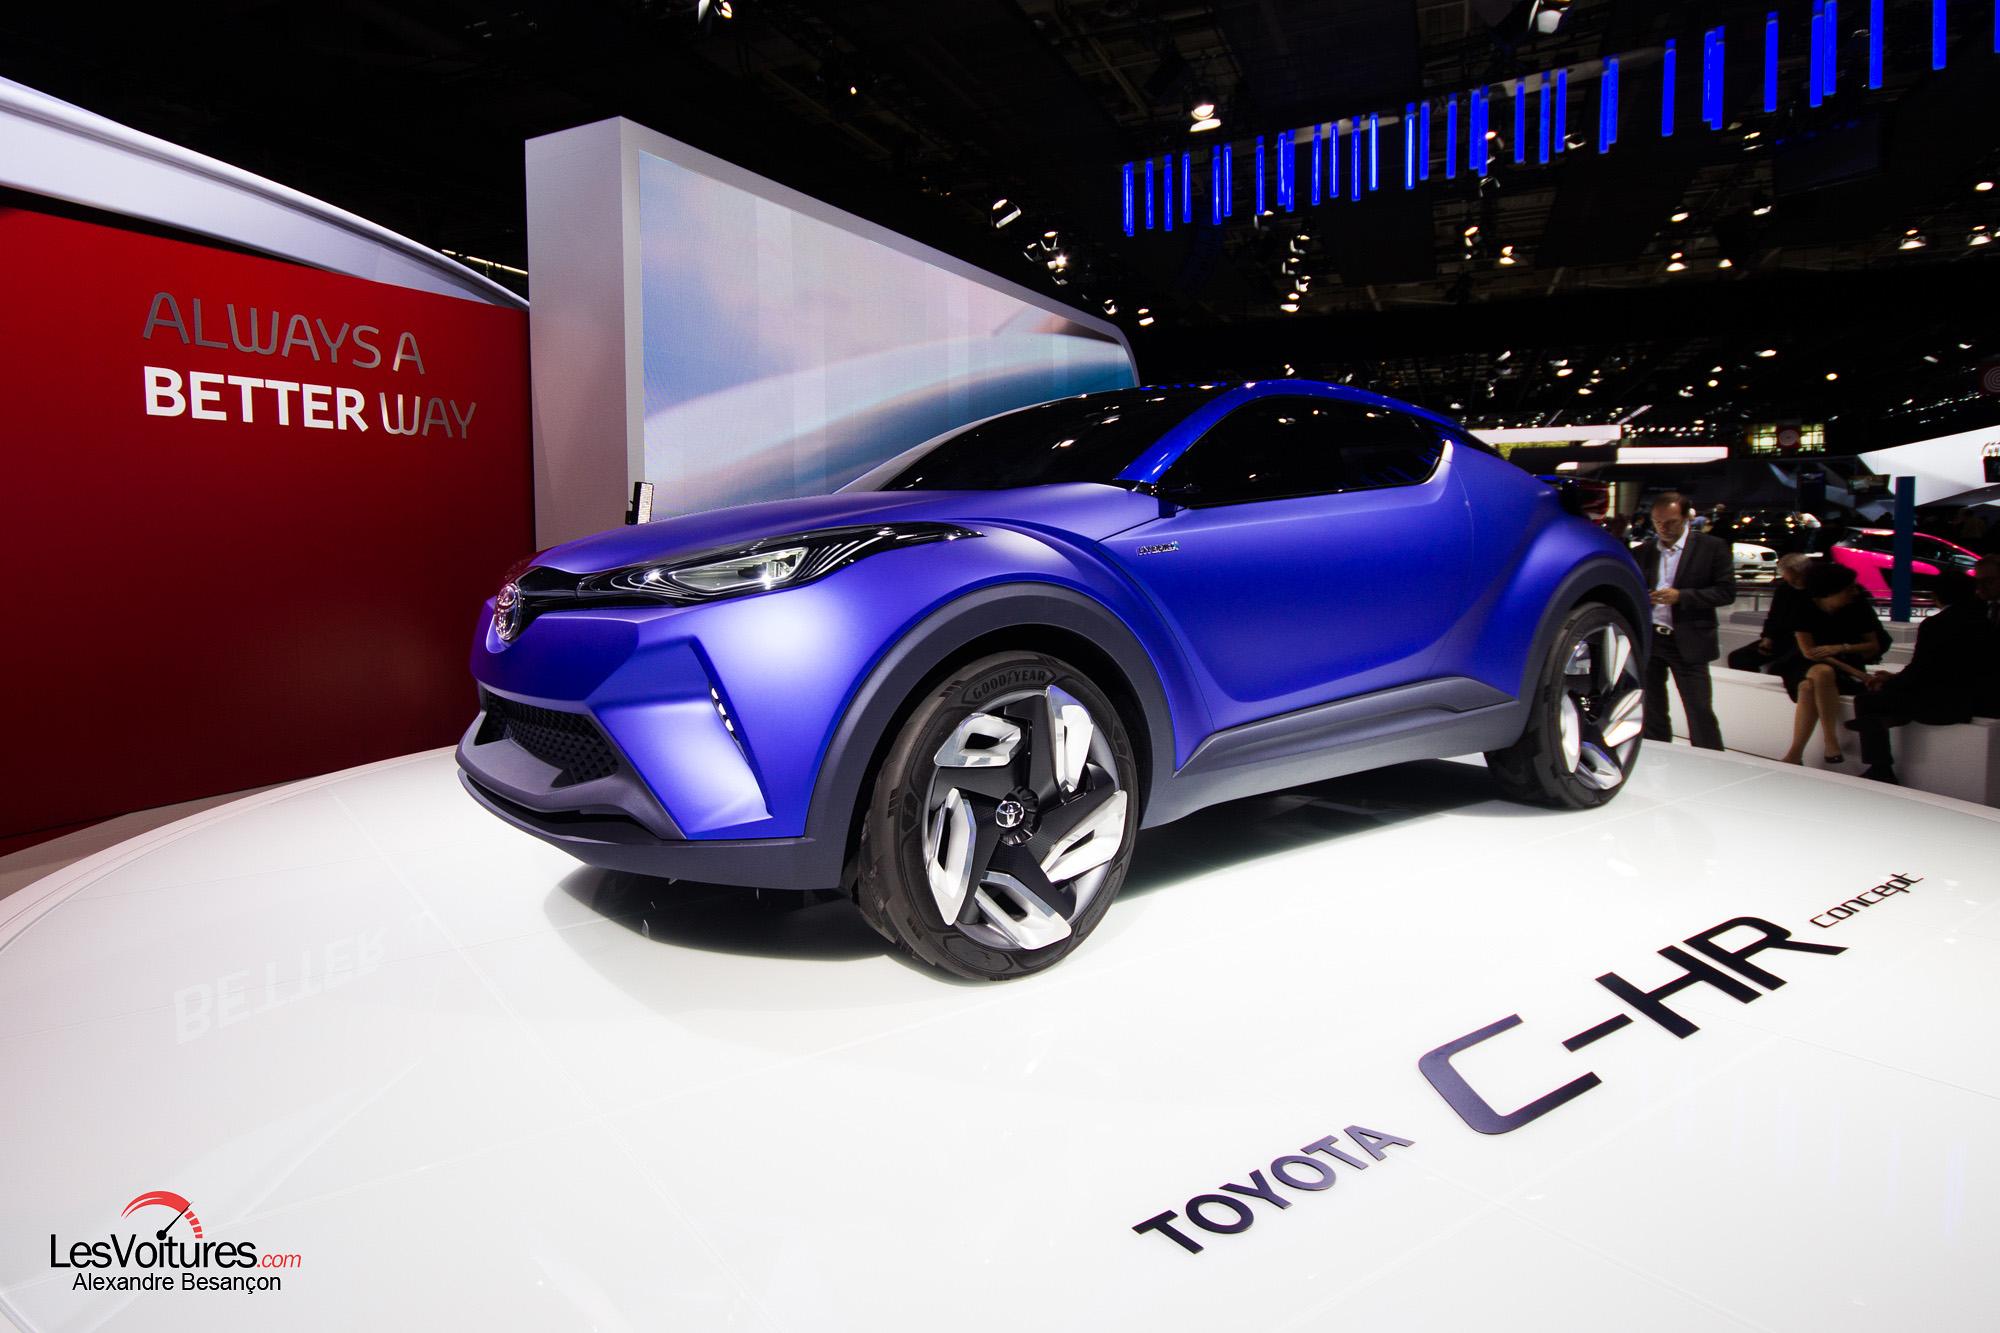 mondial automobile 2014 concept car toyota ch r les voitures. Black Bedroom Furniture Sets. Home Design Ideas